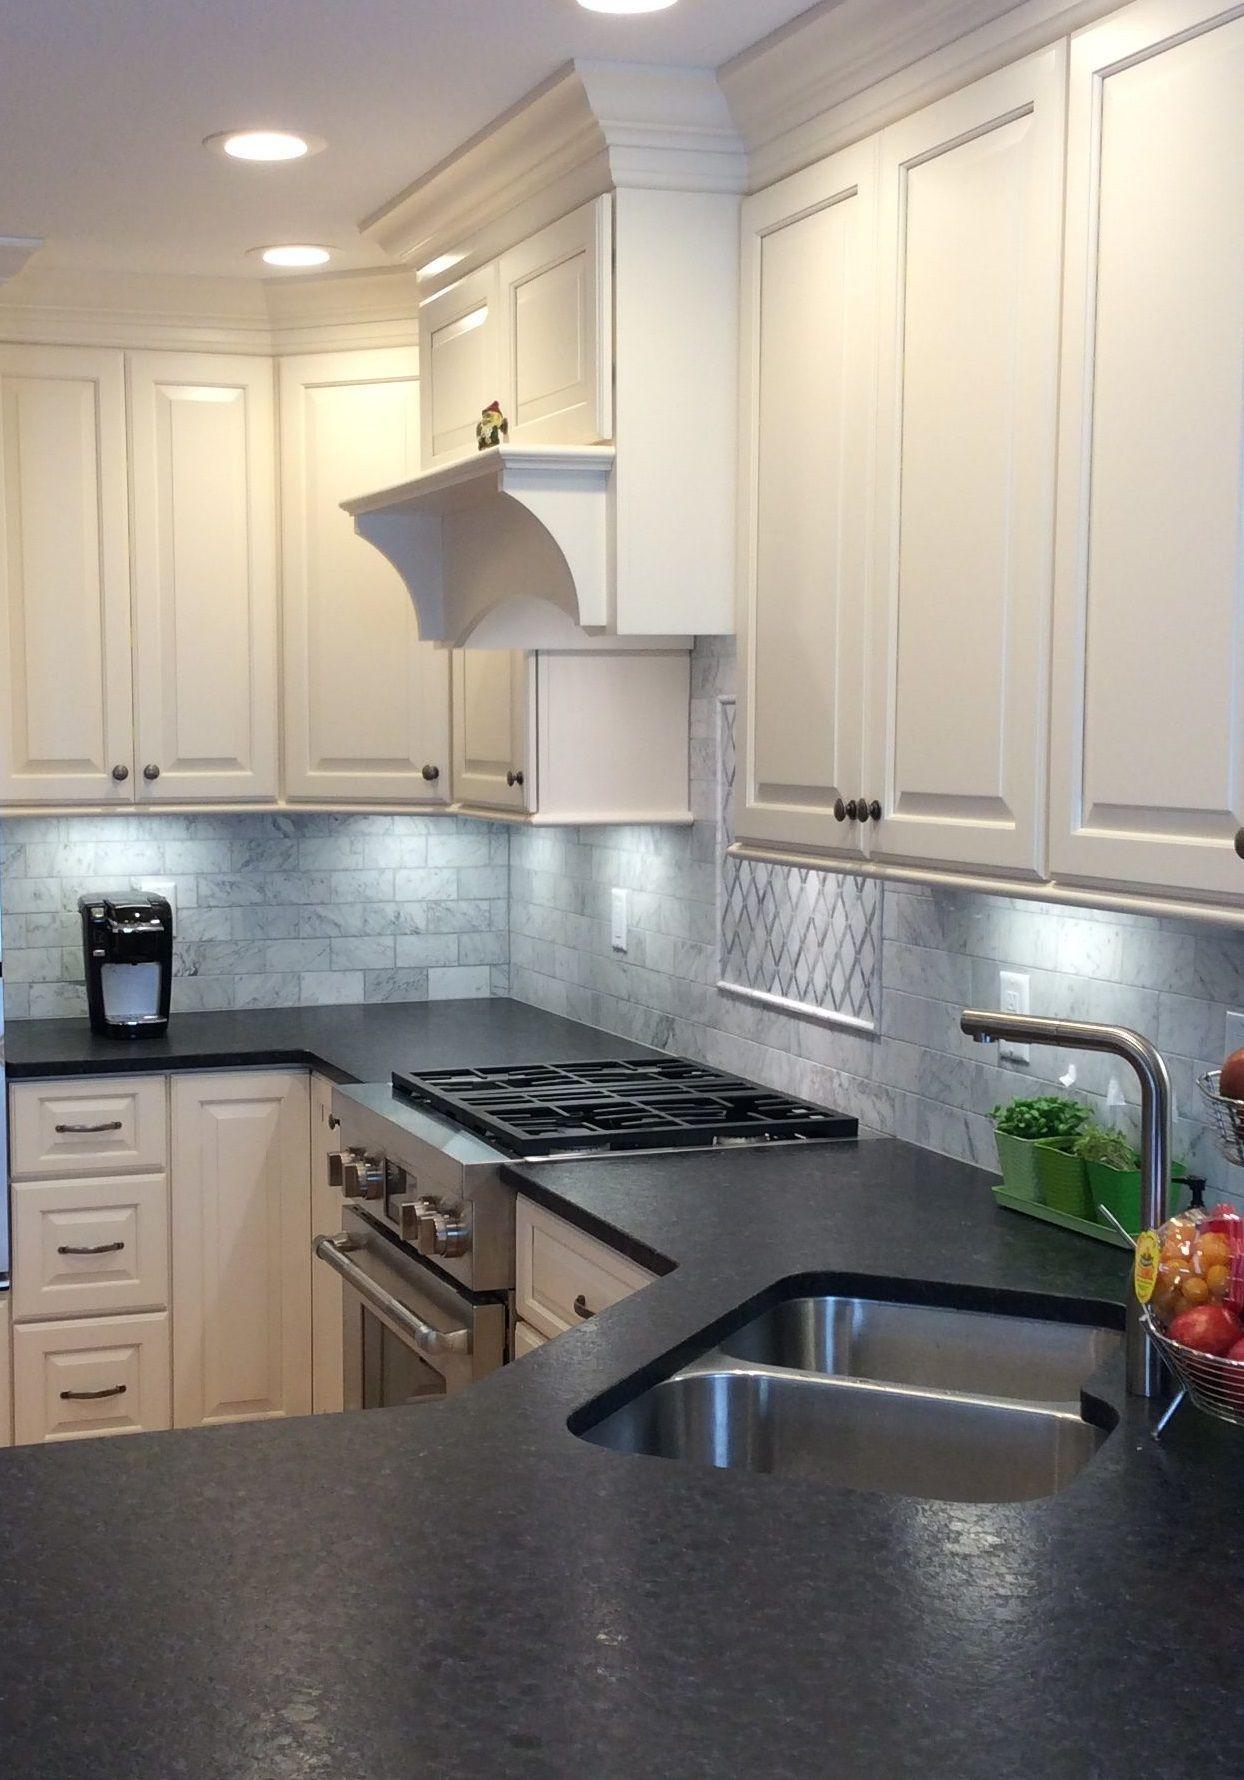 Kitchen Lighting Tips To Illuminate Your Cooking Space In 2020 Kitchen Decor Simple Kitchen Kitchen